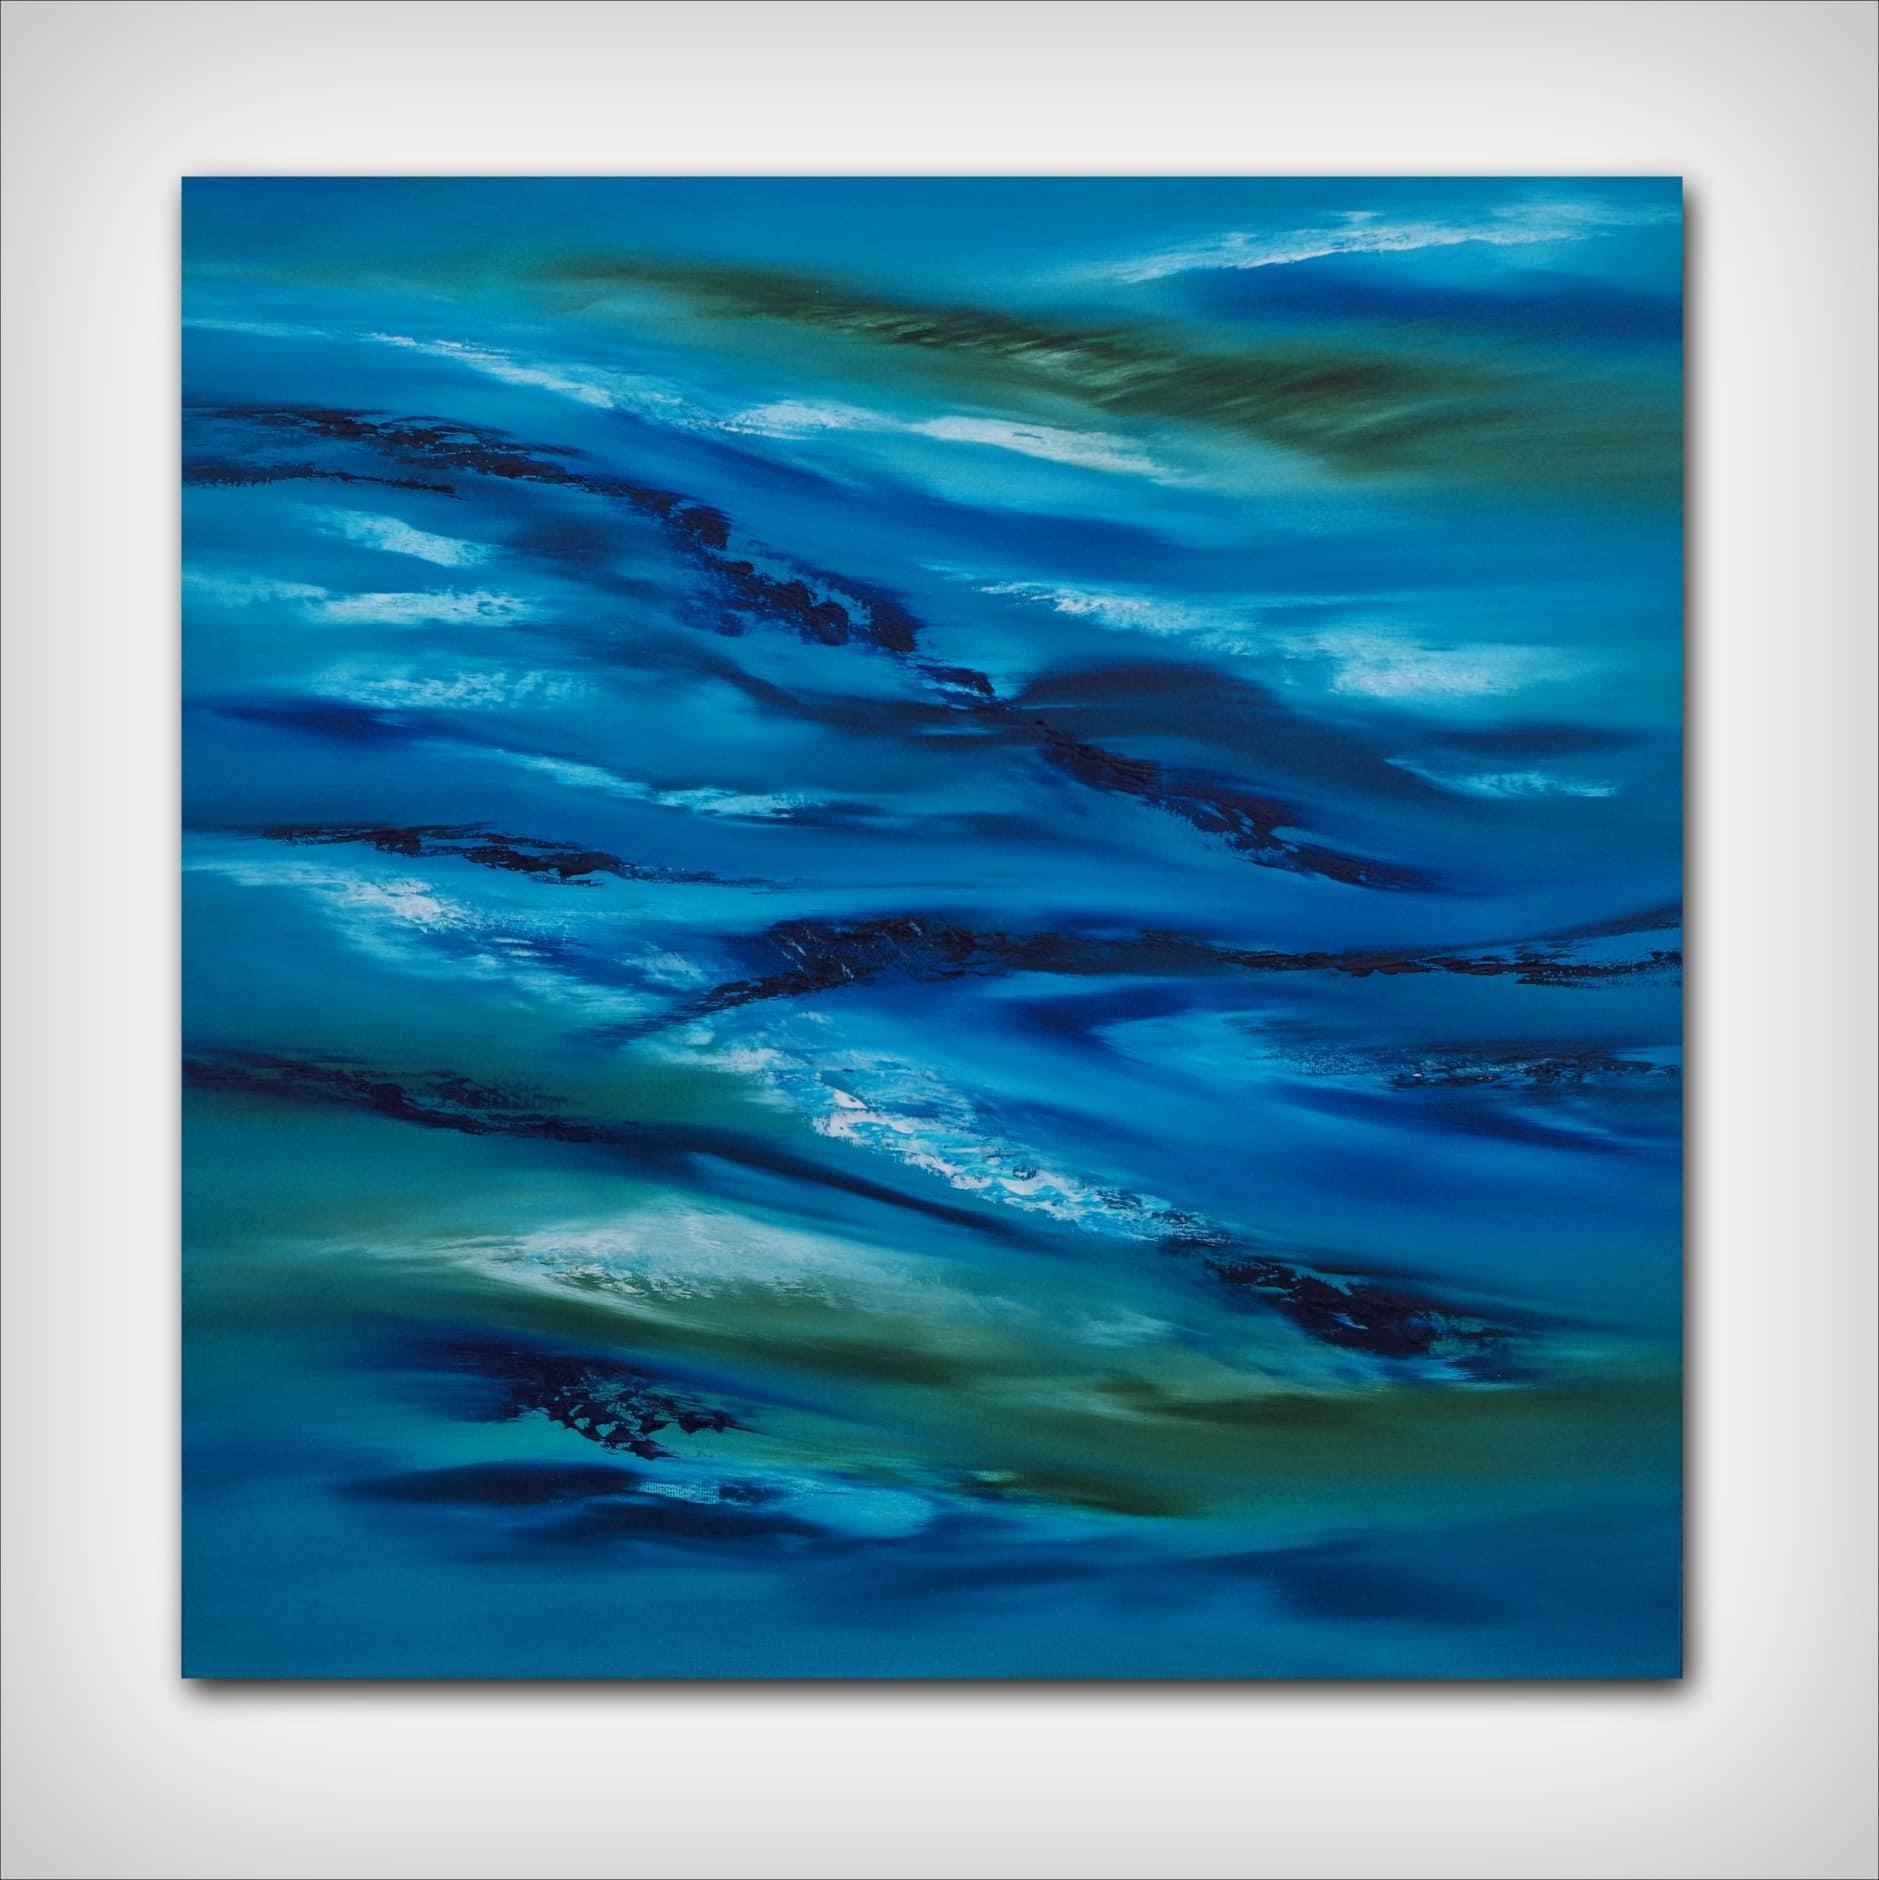 Sky element III dipinto originale in vendita online, 60×60